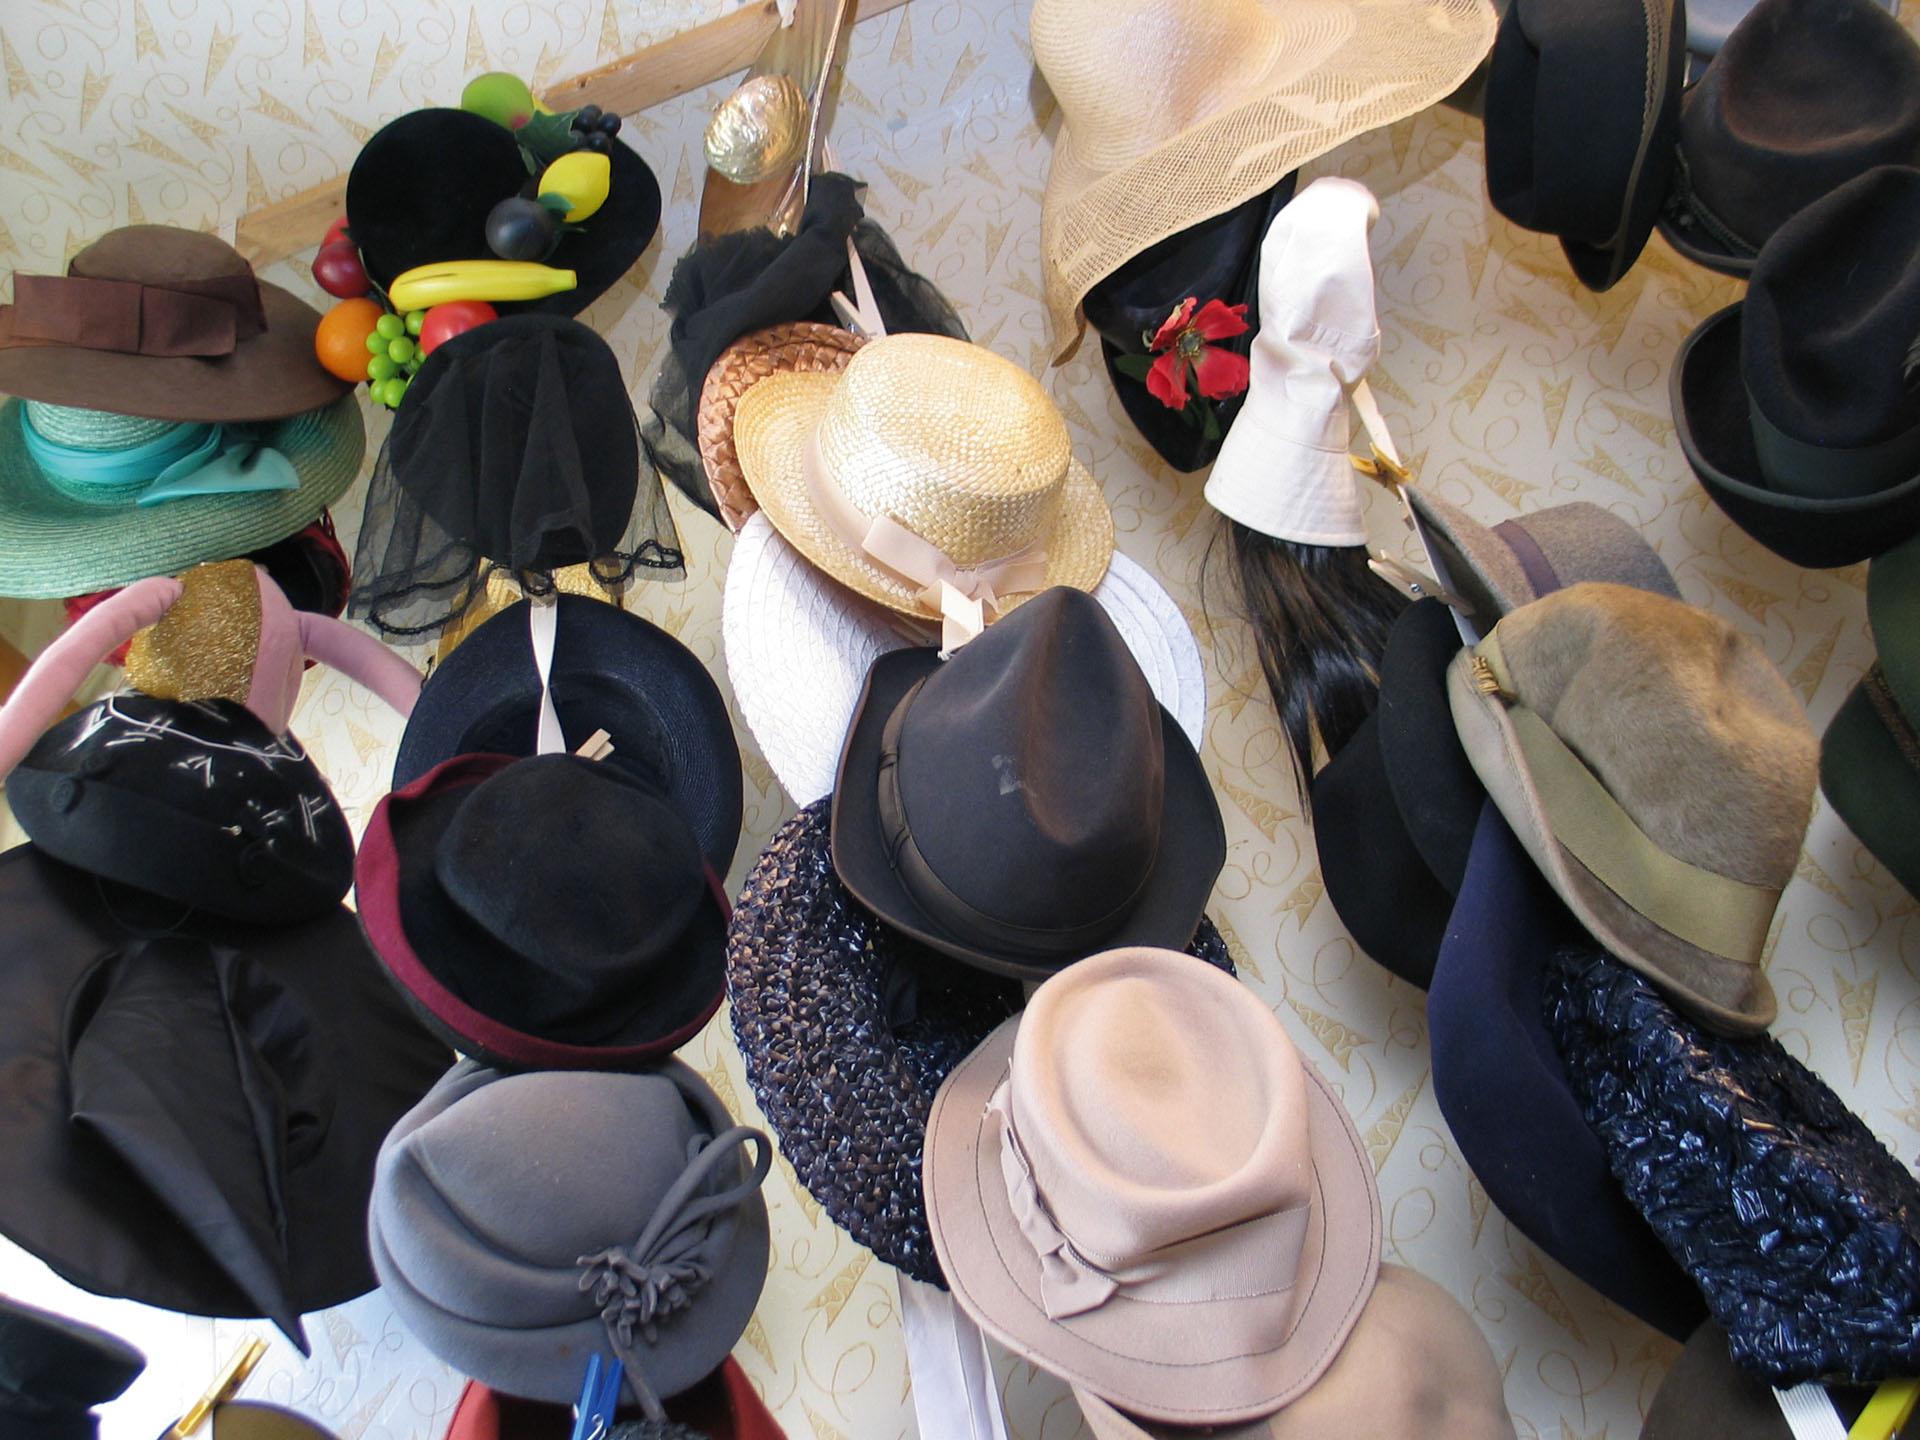 Unsere Hutsammlung